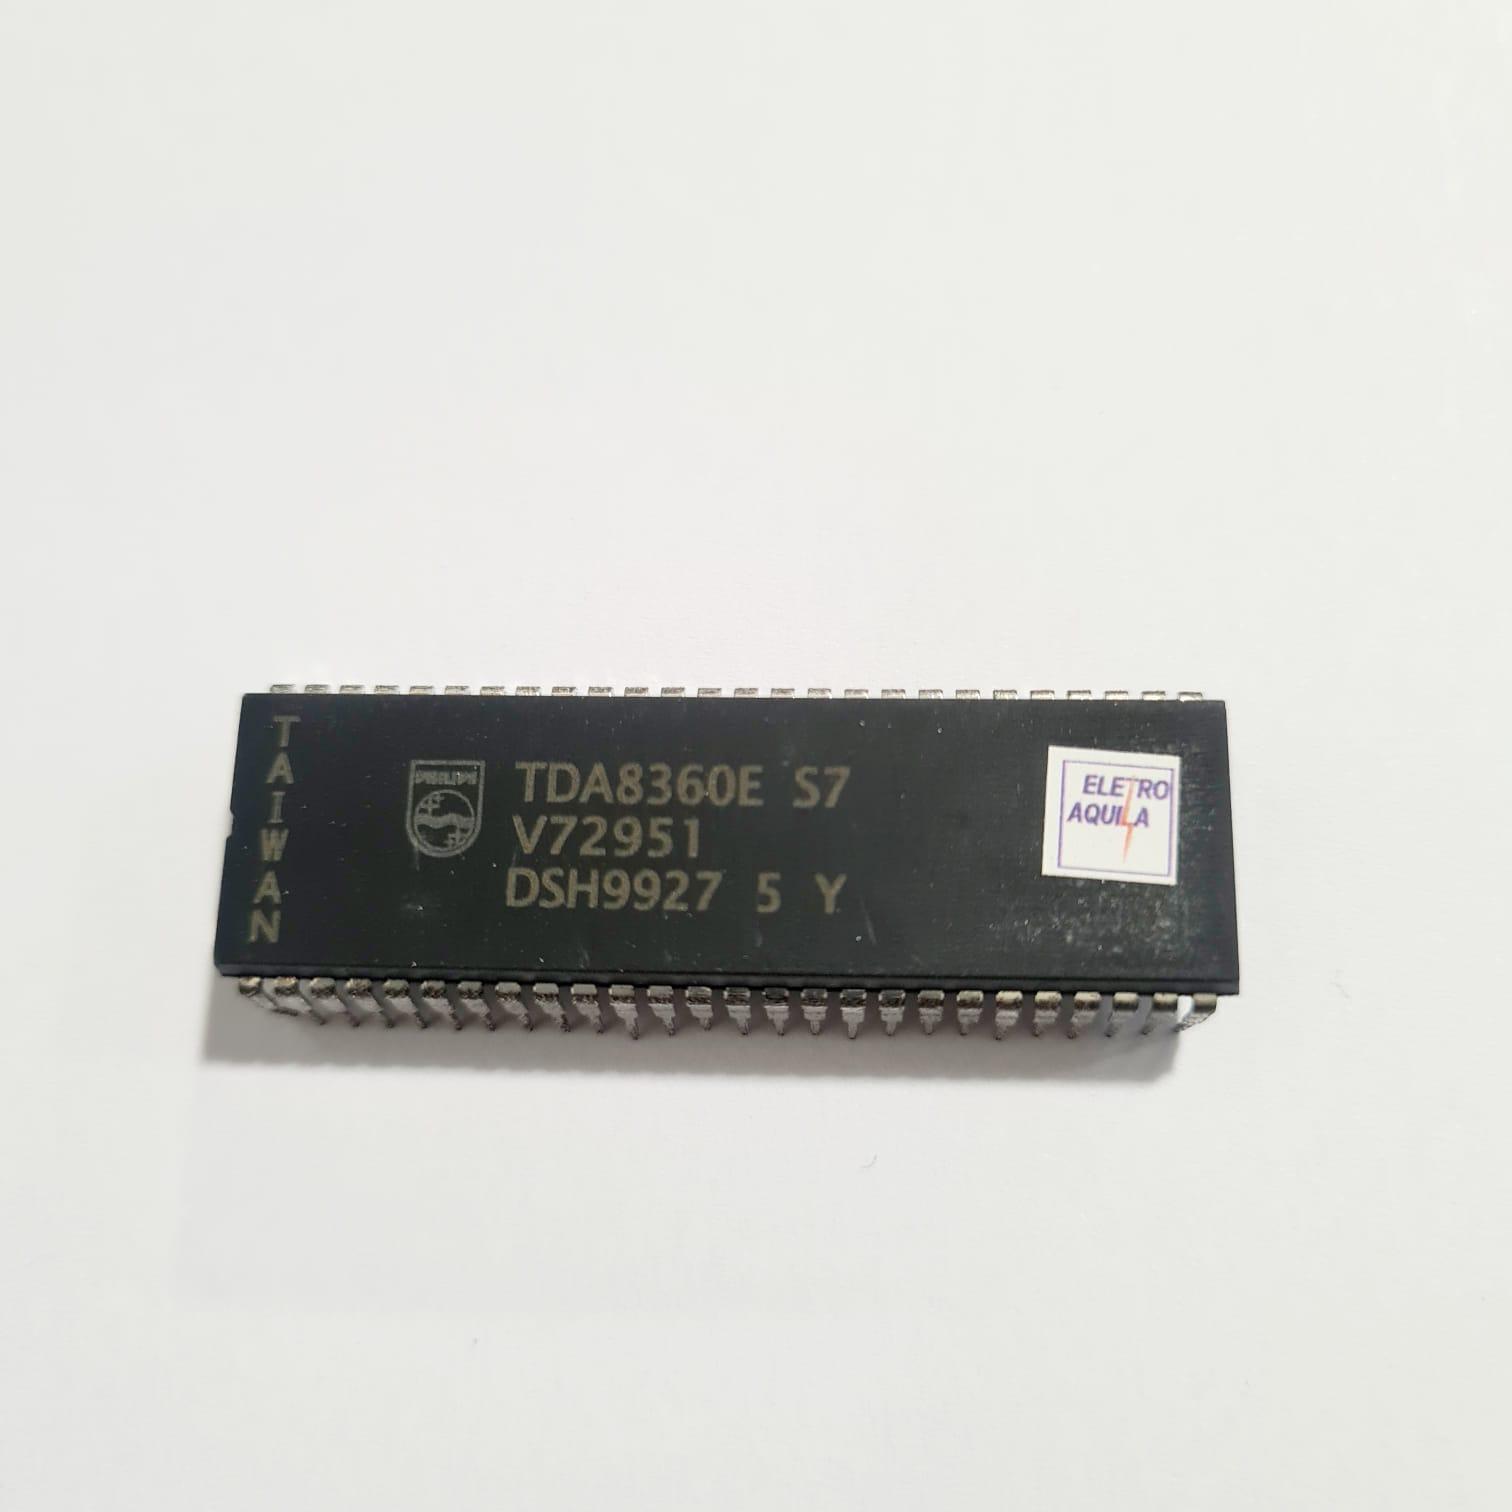 Circuito Integrado TDA8360 5Y